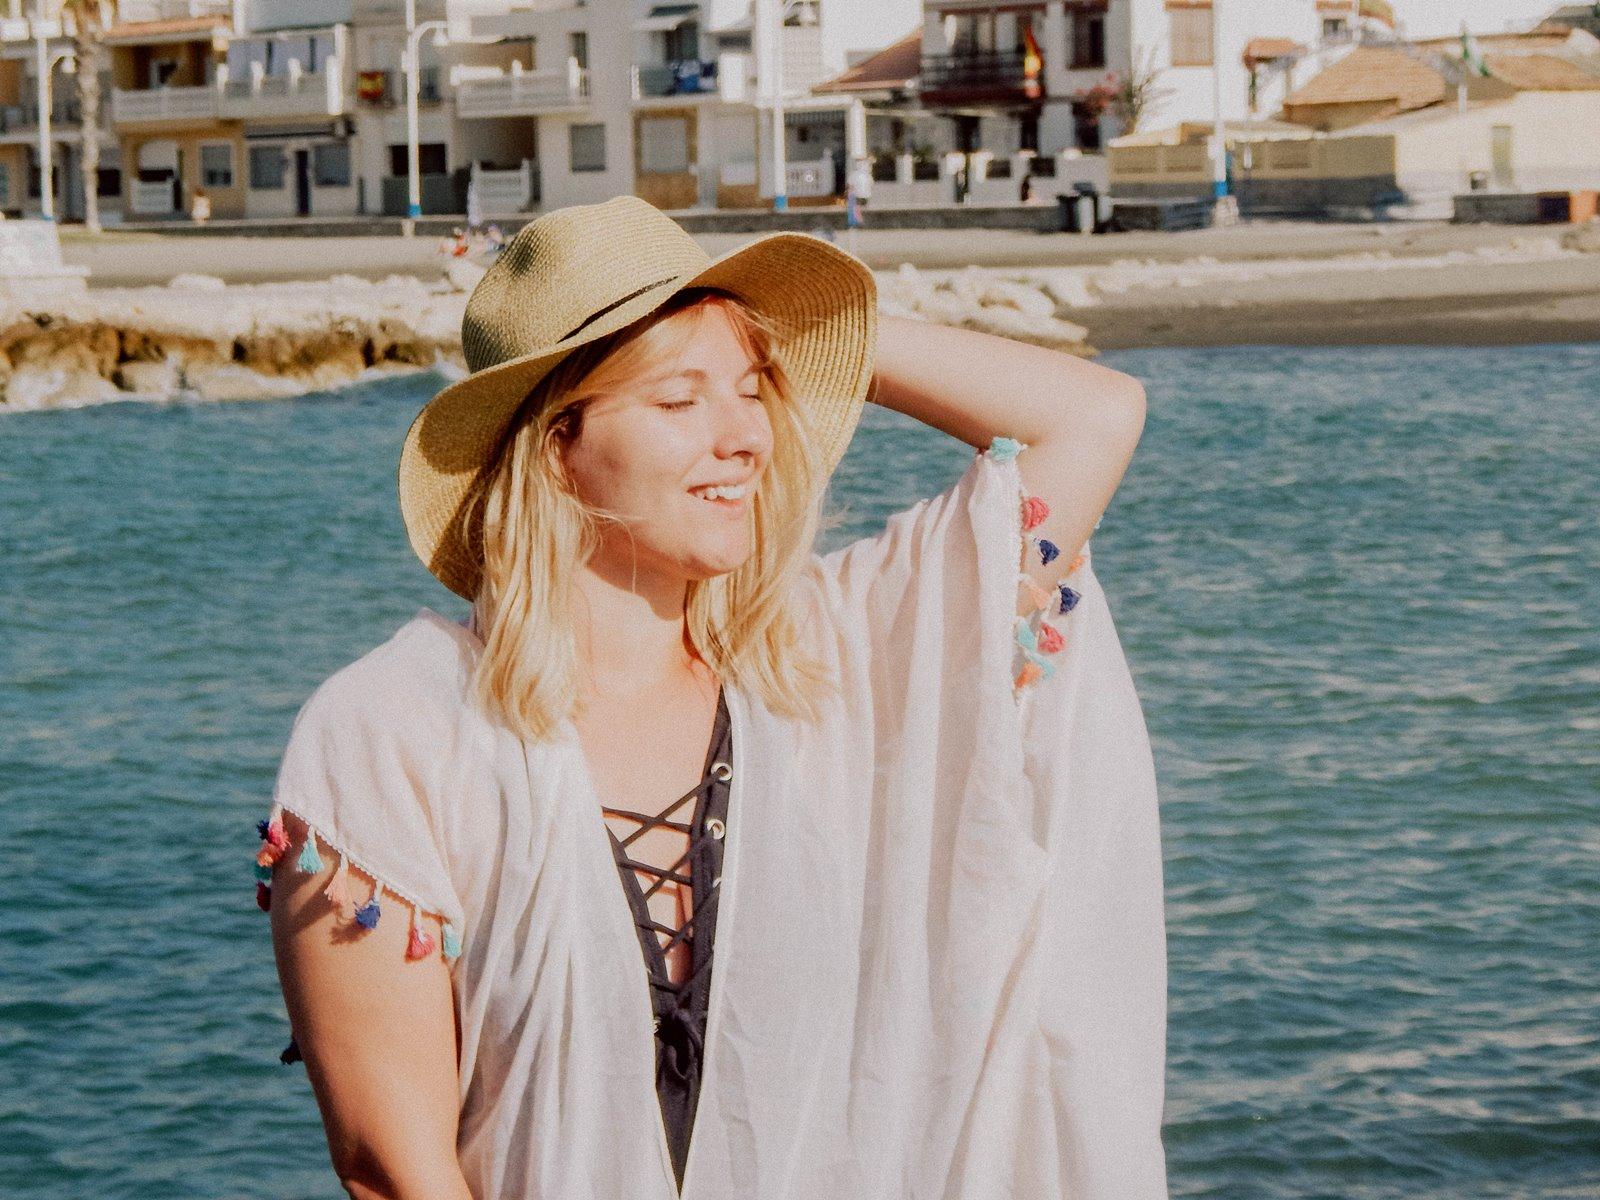 4 szaleo wakacje w maladze malaga jak spędzić wakacje co zobaczyć stylizacja na plaże pareo składany kapelusz słomkowy modne dodatki na wakacje na plażę z frędzlami z pomponami hiszpania polski kraj język ceny outfit